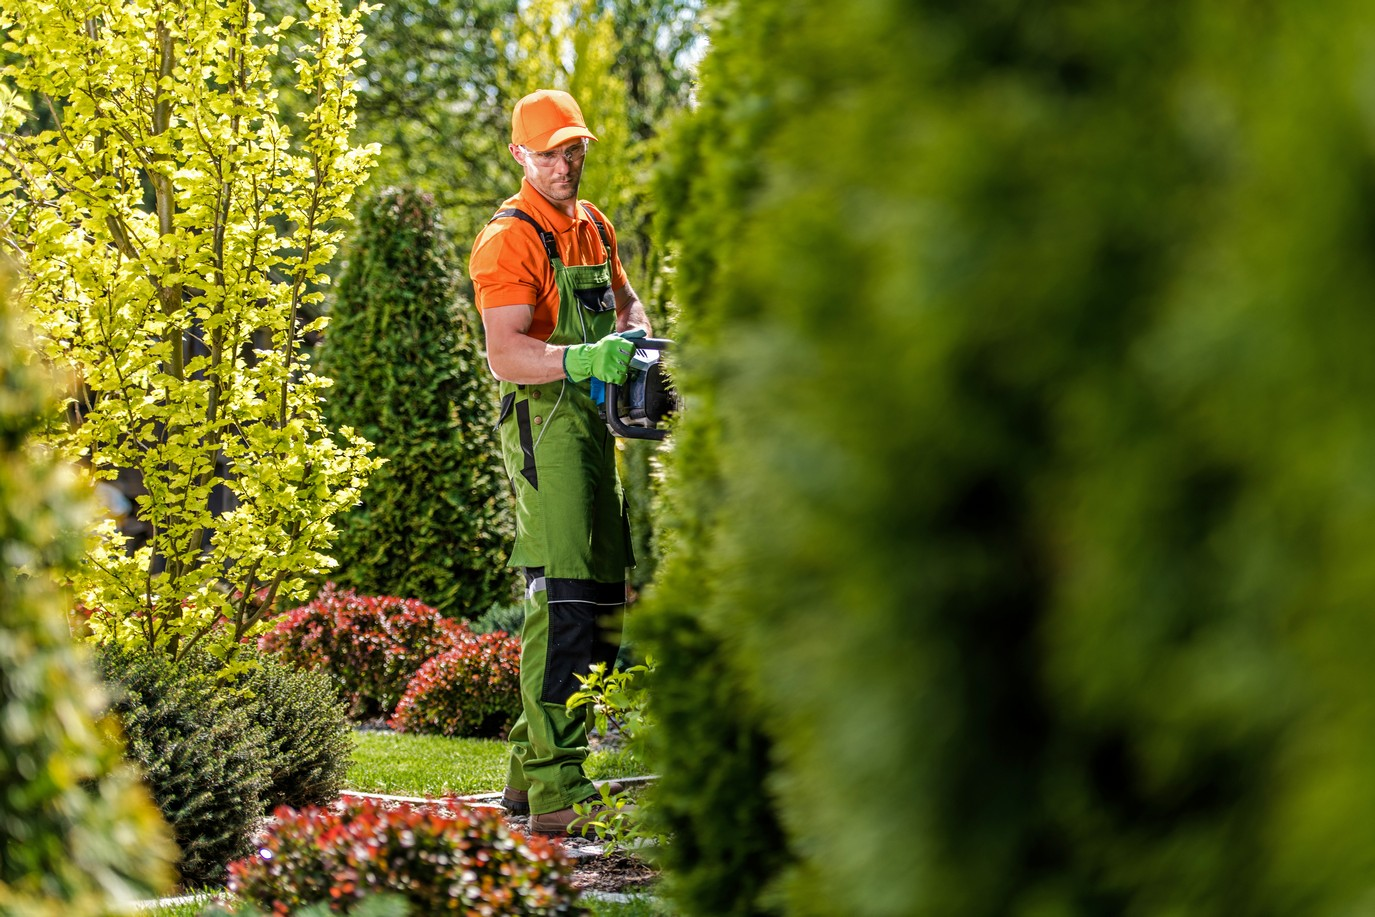 Pflanzen und Pflegearbeiten